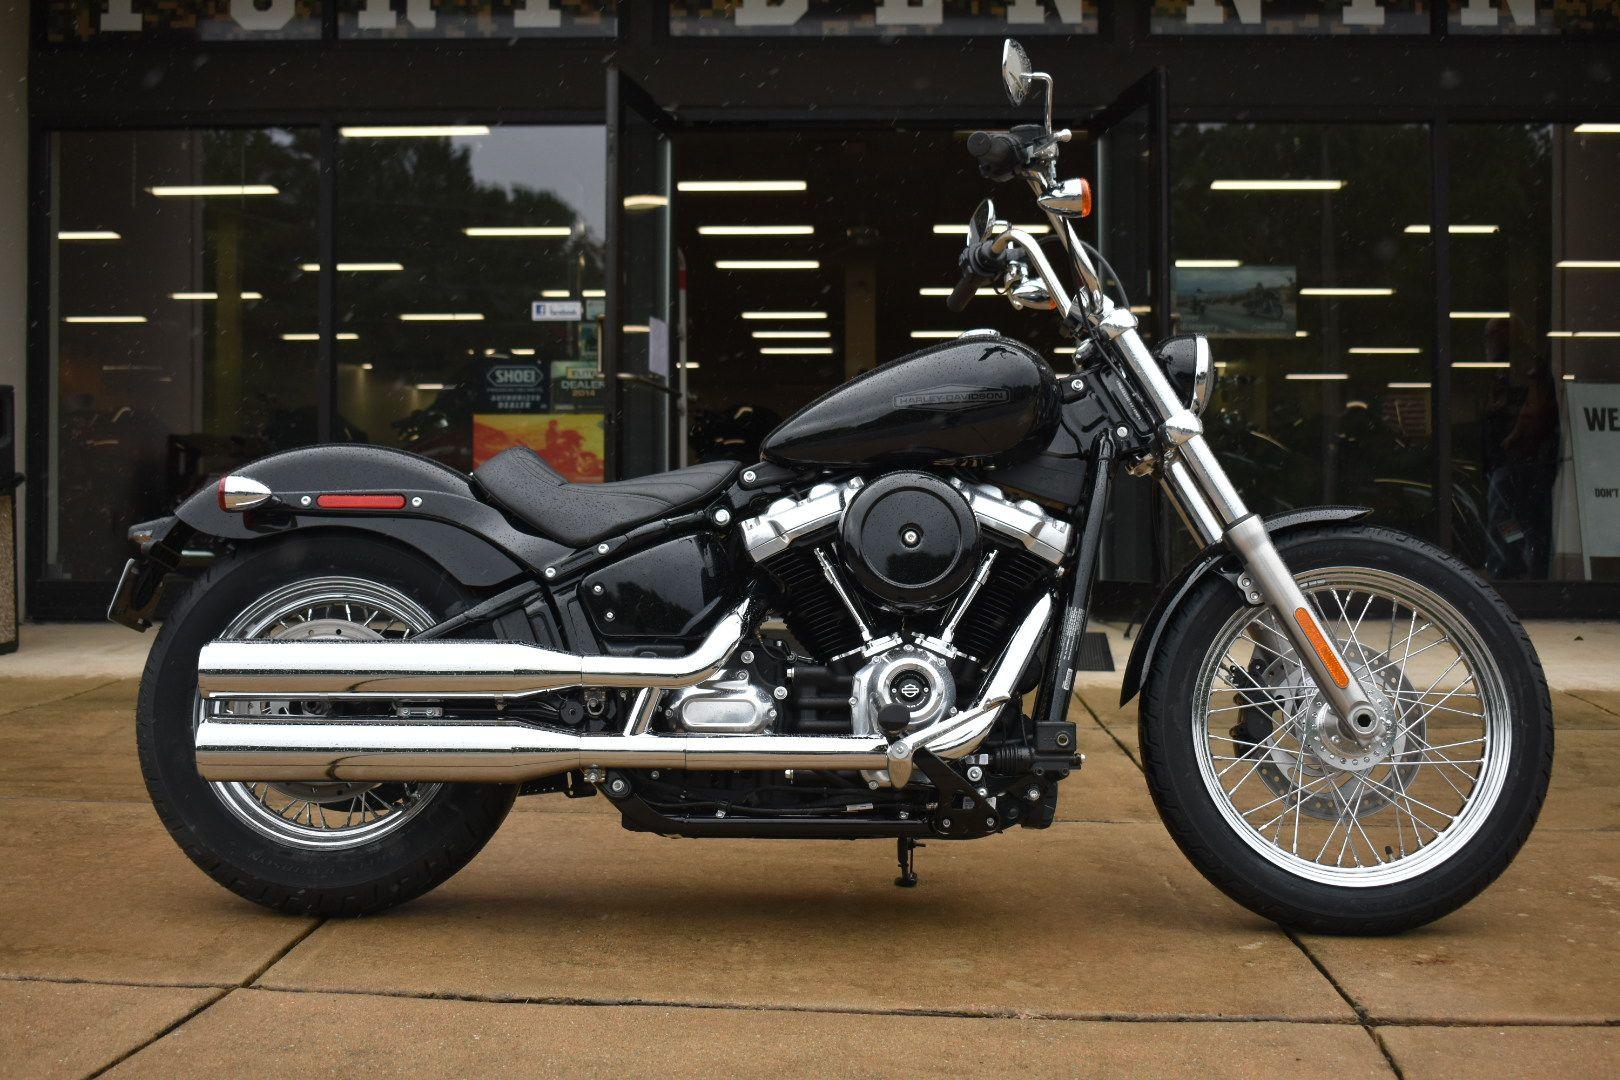 New 2020 Harley-Davidson Softail Standard FXST